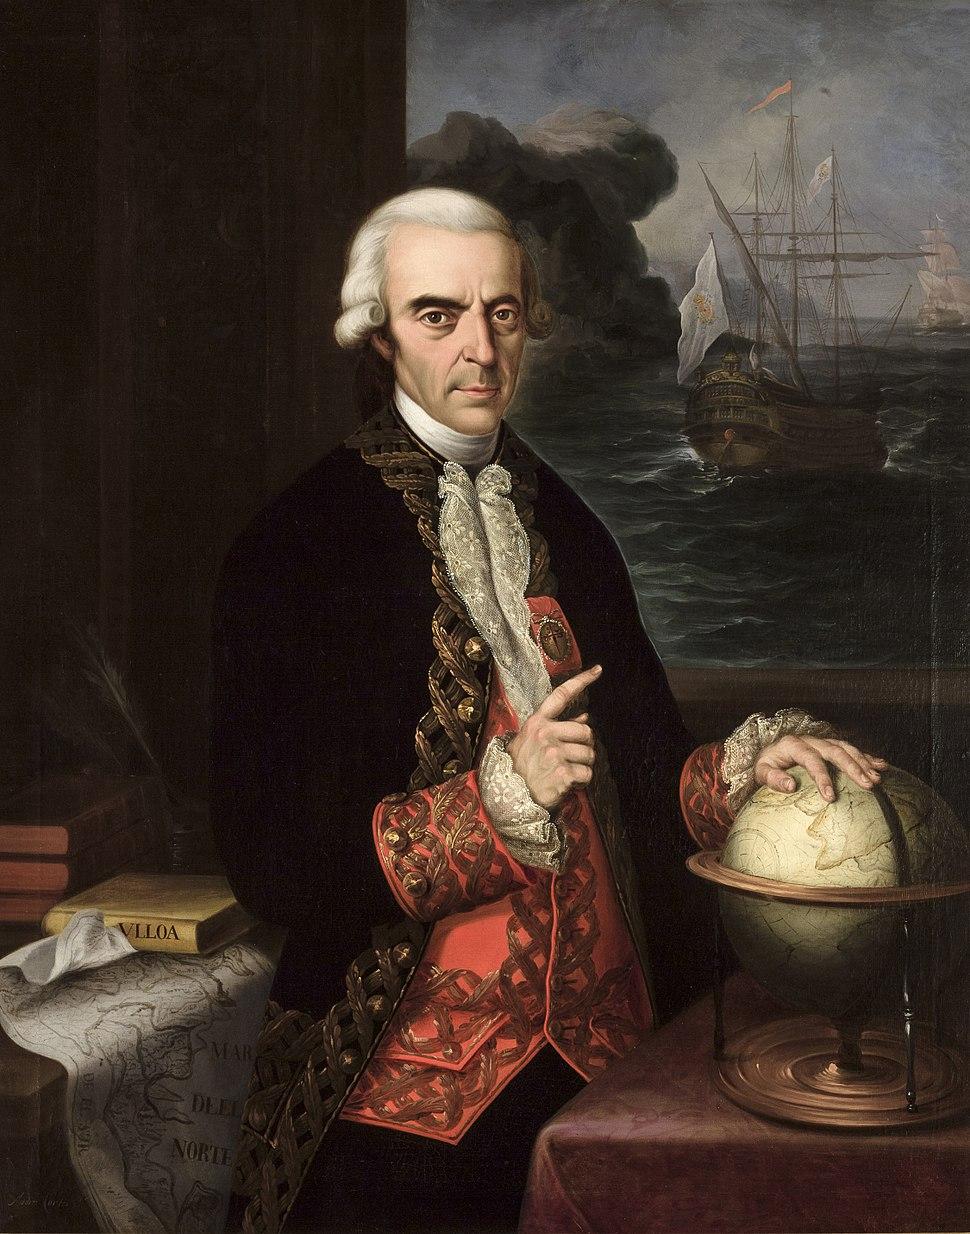 Almirante Antonio de Ulloa